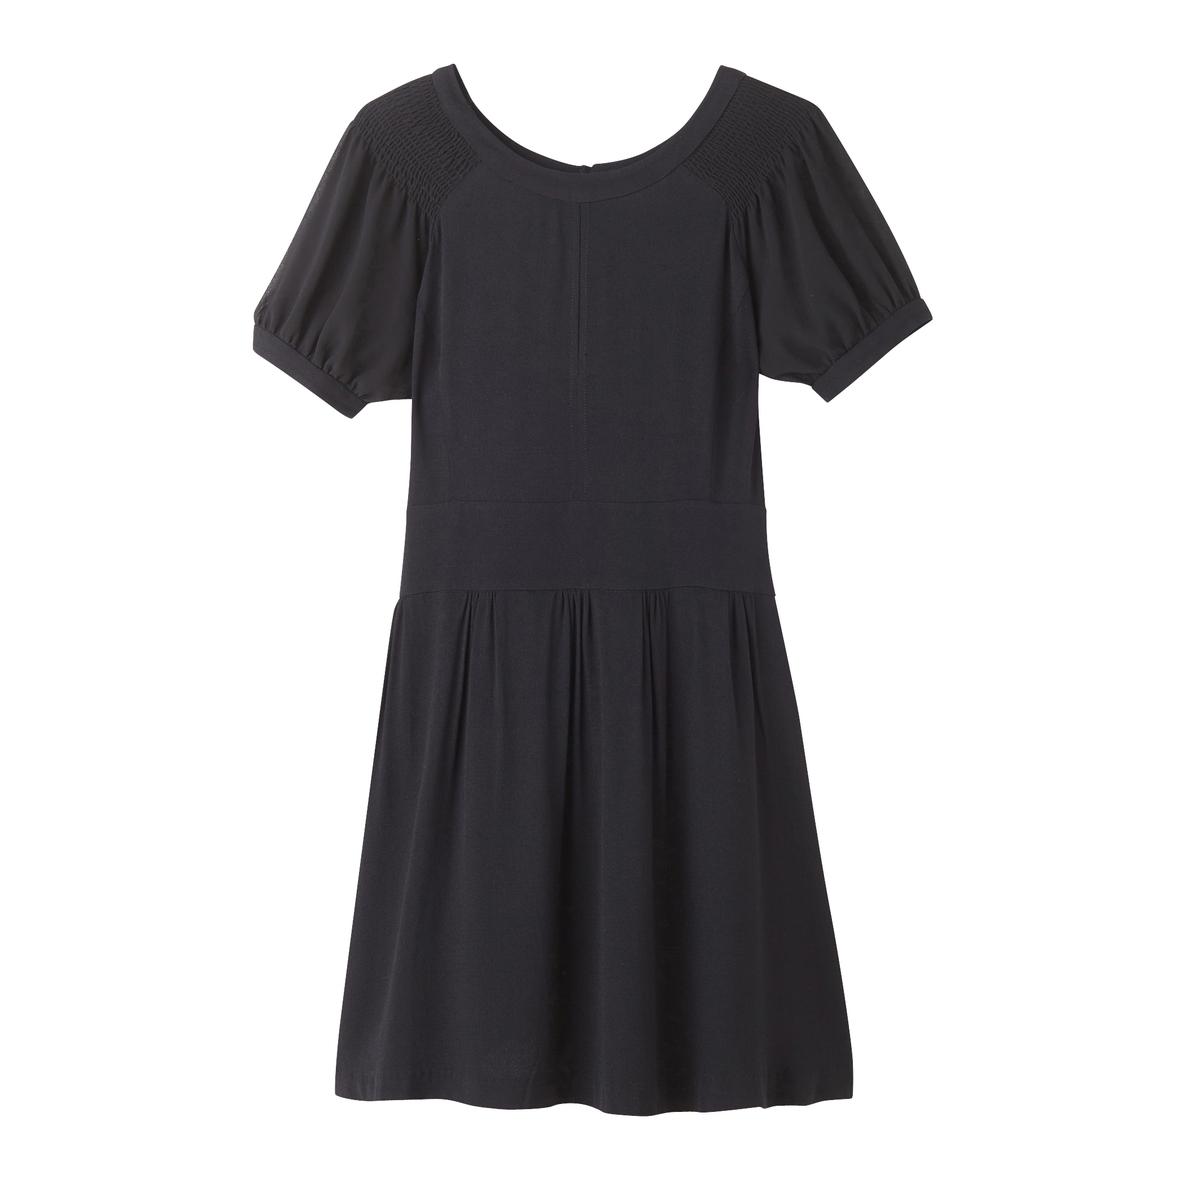 Платье с поясом и застежкой сзадиДетали  •  Форма : МИНИ •  Укороченная модель •  Короткие рукава    •  Круглый вырезСостав и уход  •  100% вискоза •  Следуйте советам по уходу, указанным на этикетке<br><br>Цвет: черный<br>Размер: XS.S.L.M